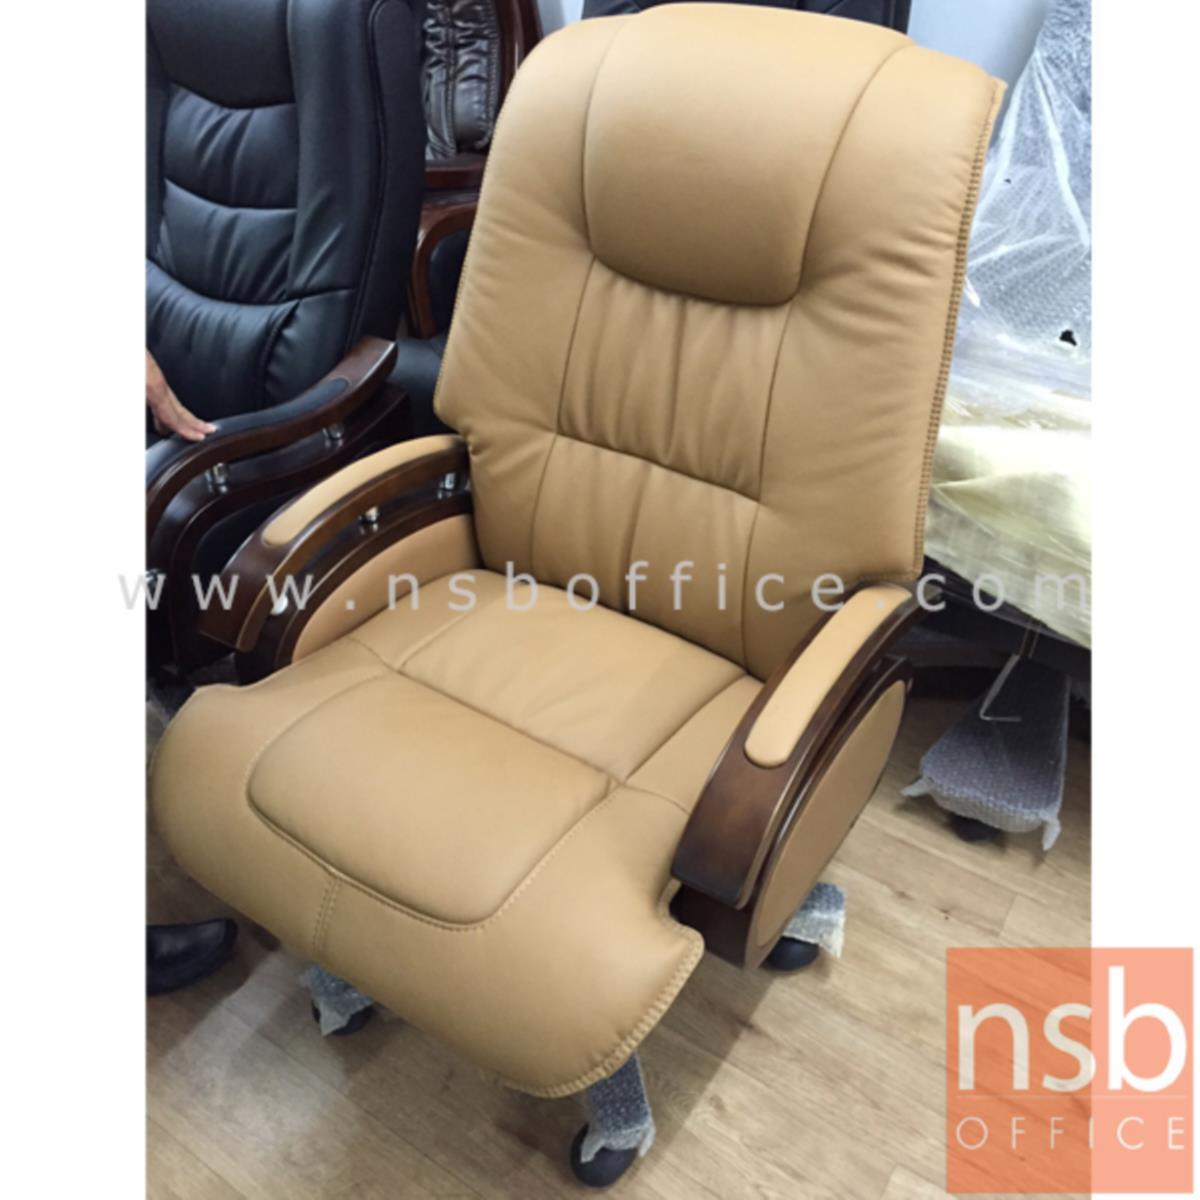 เก้าอี้ผู้บริหารหนัง PU รุ่น Lanter (แลนเทอร์)  โช๊คแก๊ส ขาไม้